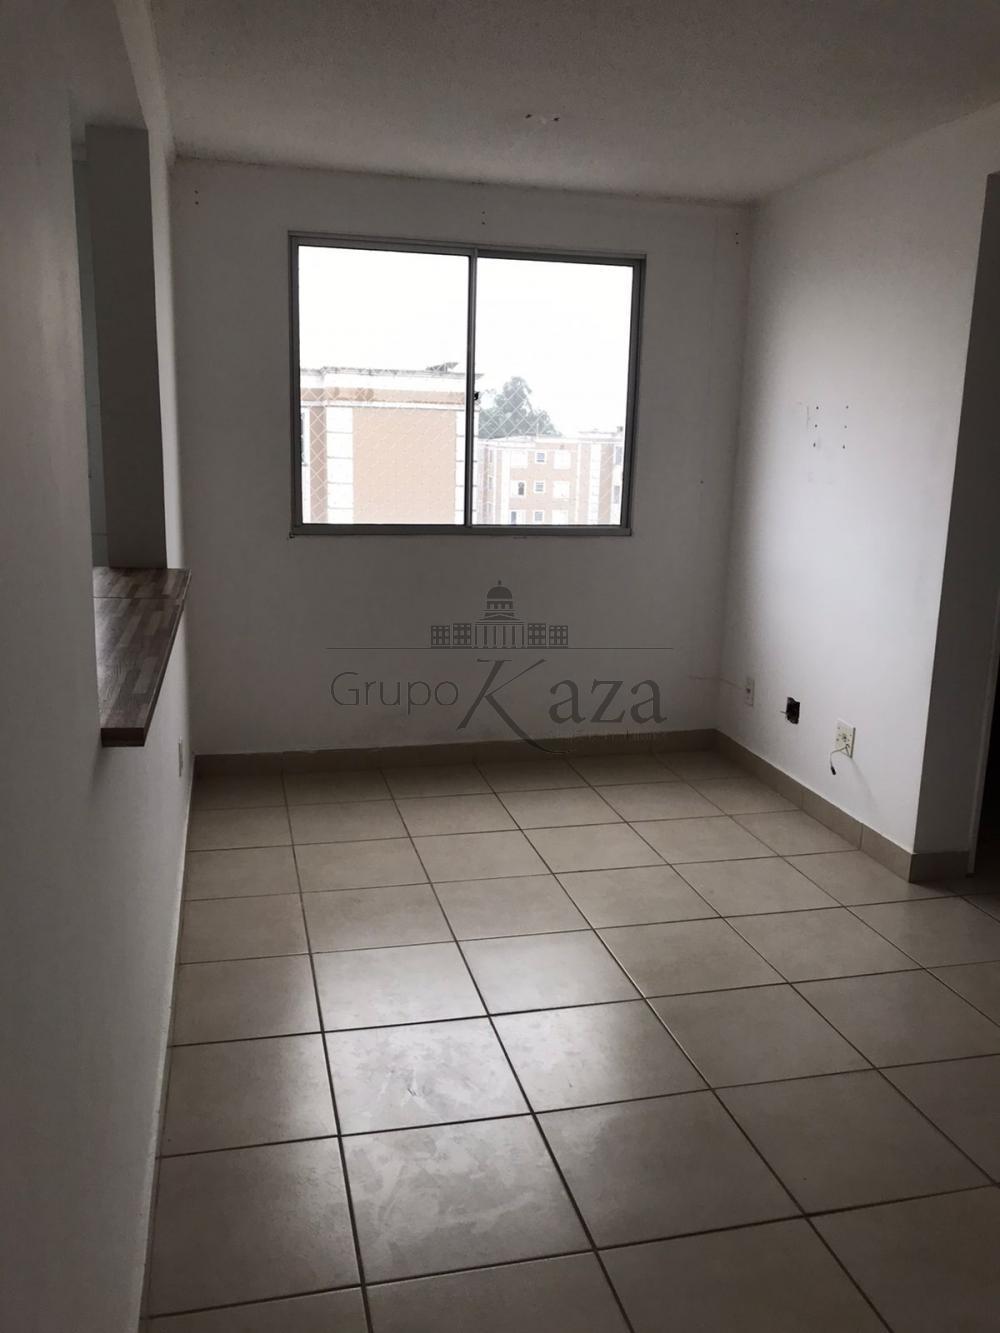 alt='Comprar Apartamento / Padrão em São José dos Campos R$ 171.000,00 - Foto 2' title='Comprar Apartamento / Padrão em São José dos Campos R$ 171.000,00 - Foto 2'